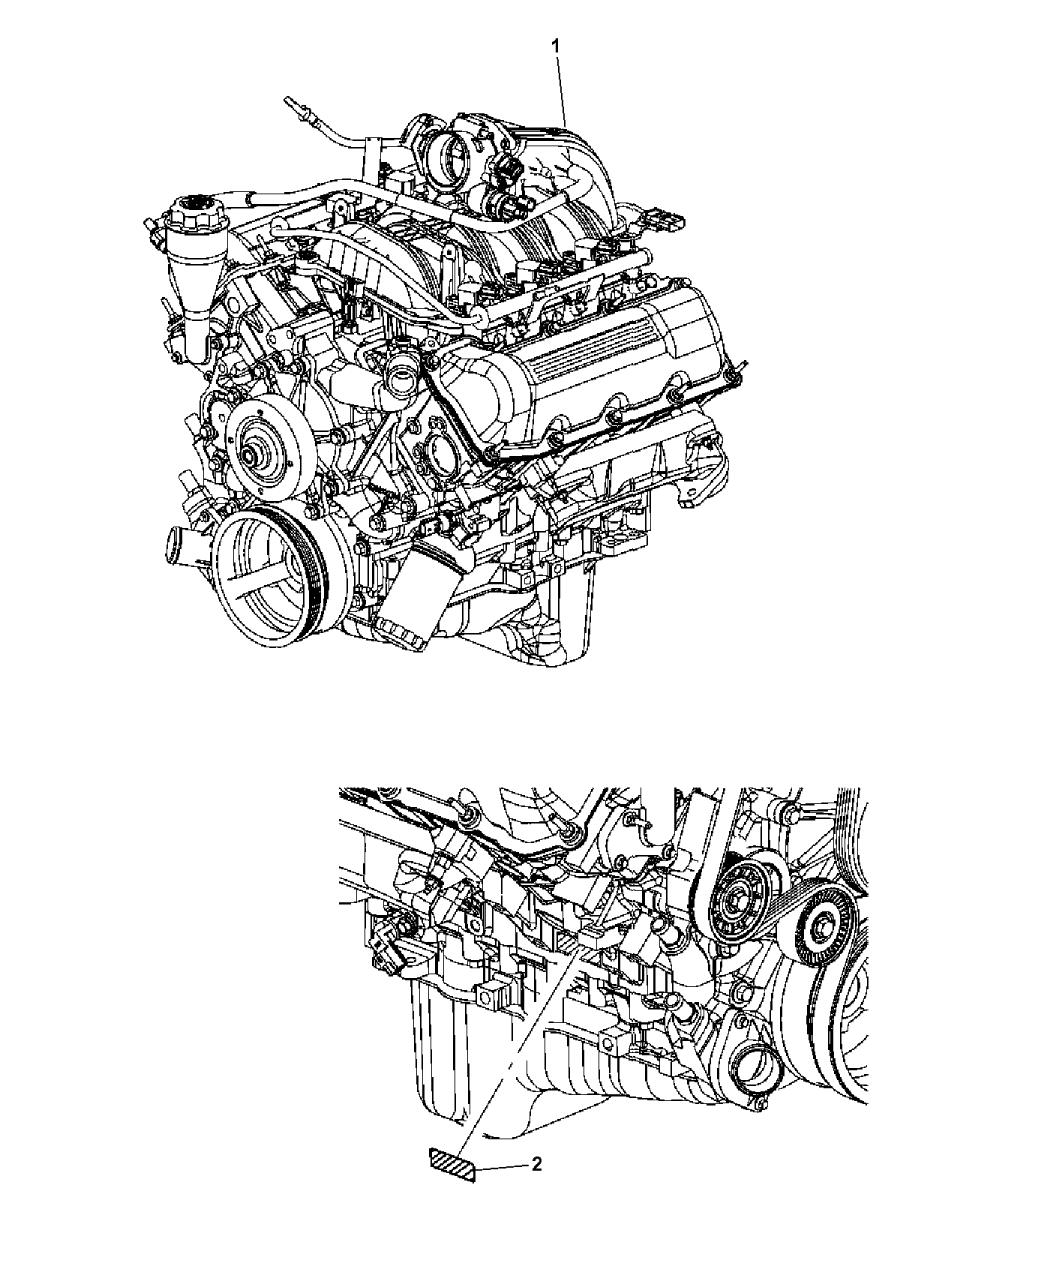 Jeep Liberty Crankshaft Torque Converter And Flywheel 37l Ekg